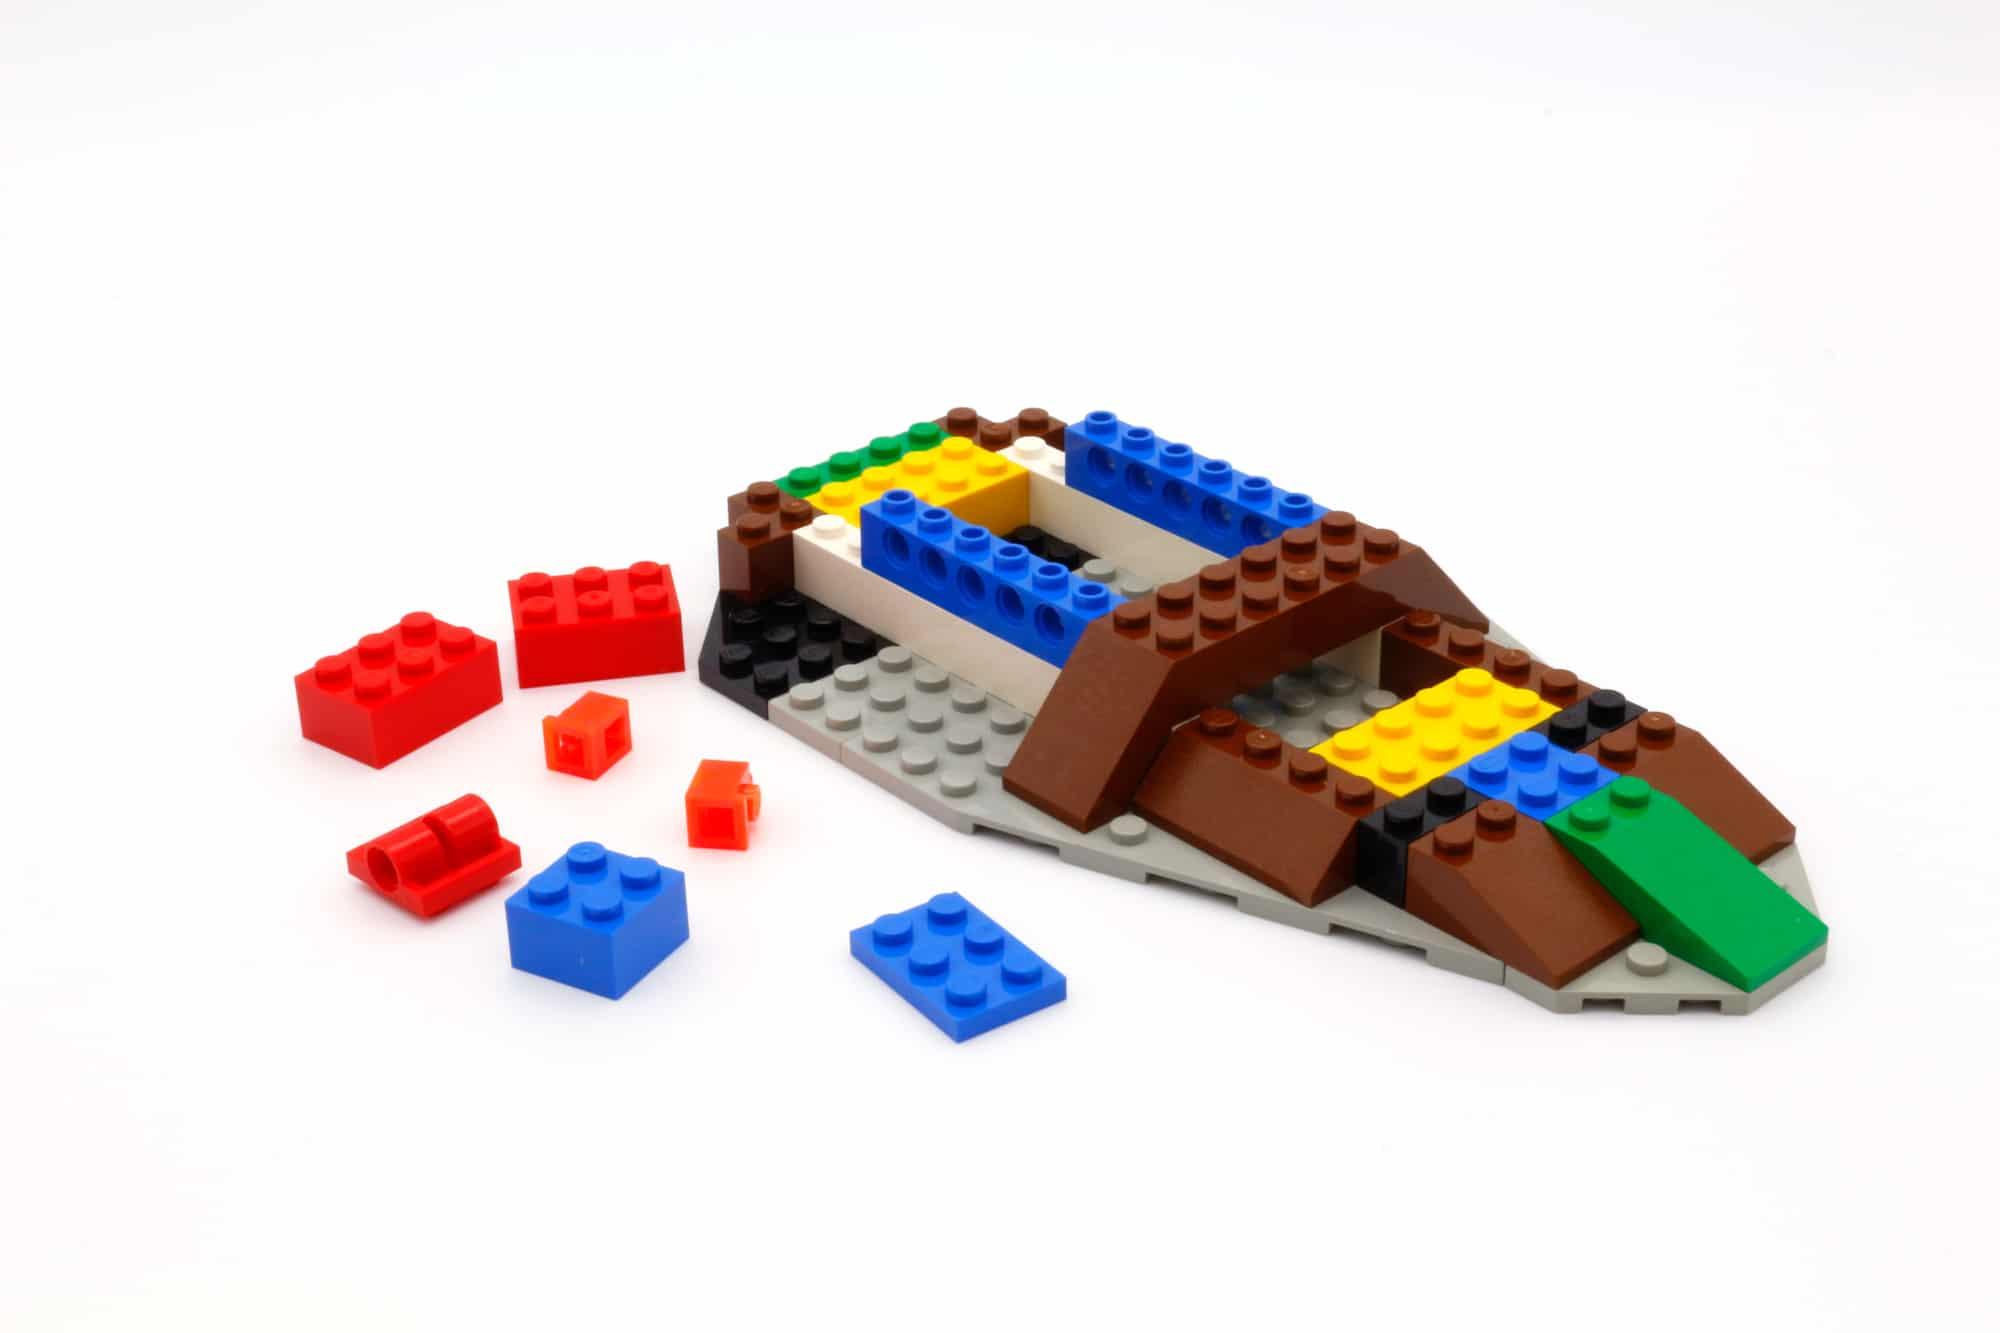 LEGO Star Wars 75312 Boba Fetts Starship 26